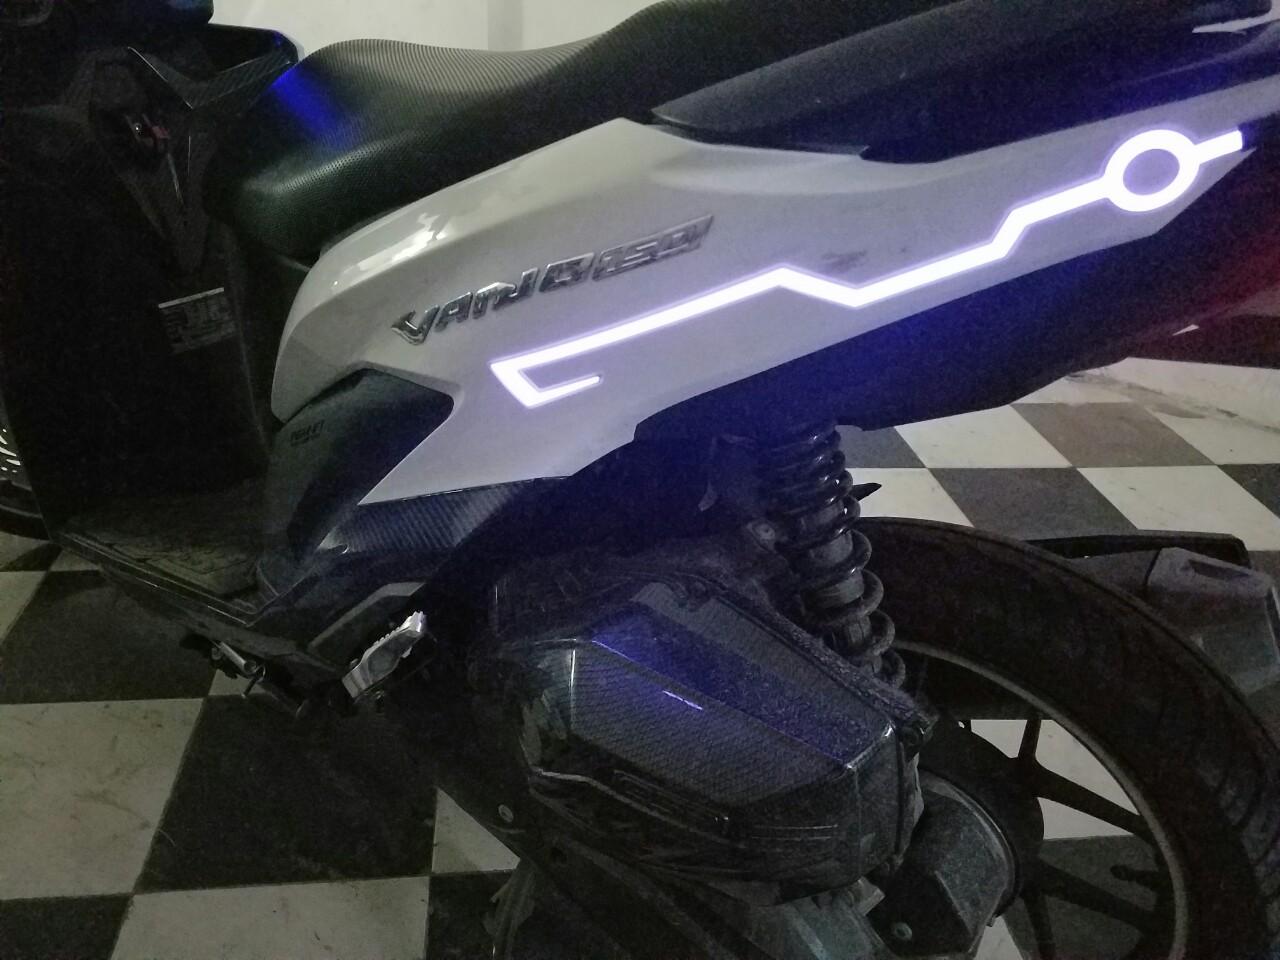 tem xe phát sáng, tem xe máy phát sáng, tem xe đạp phát sáng, tem xe đạp điện phát sáng